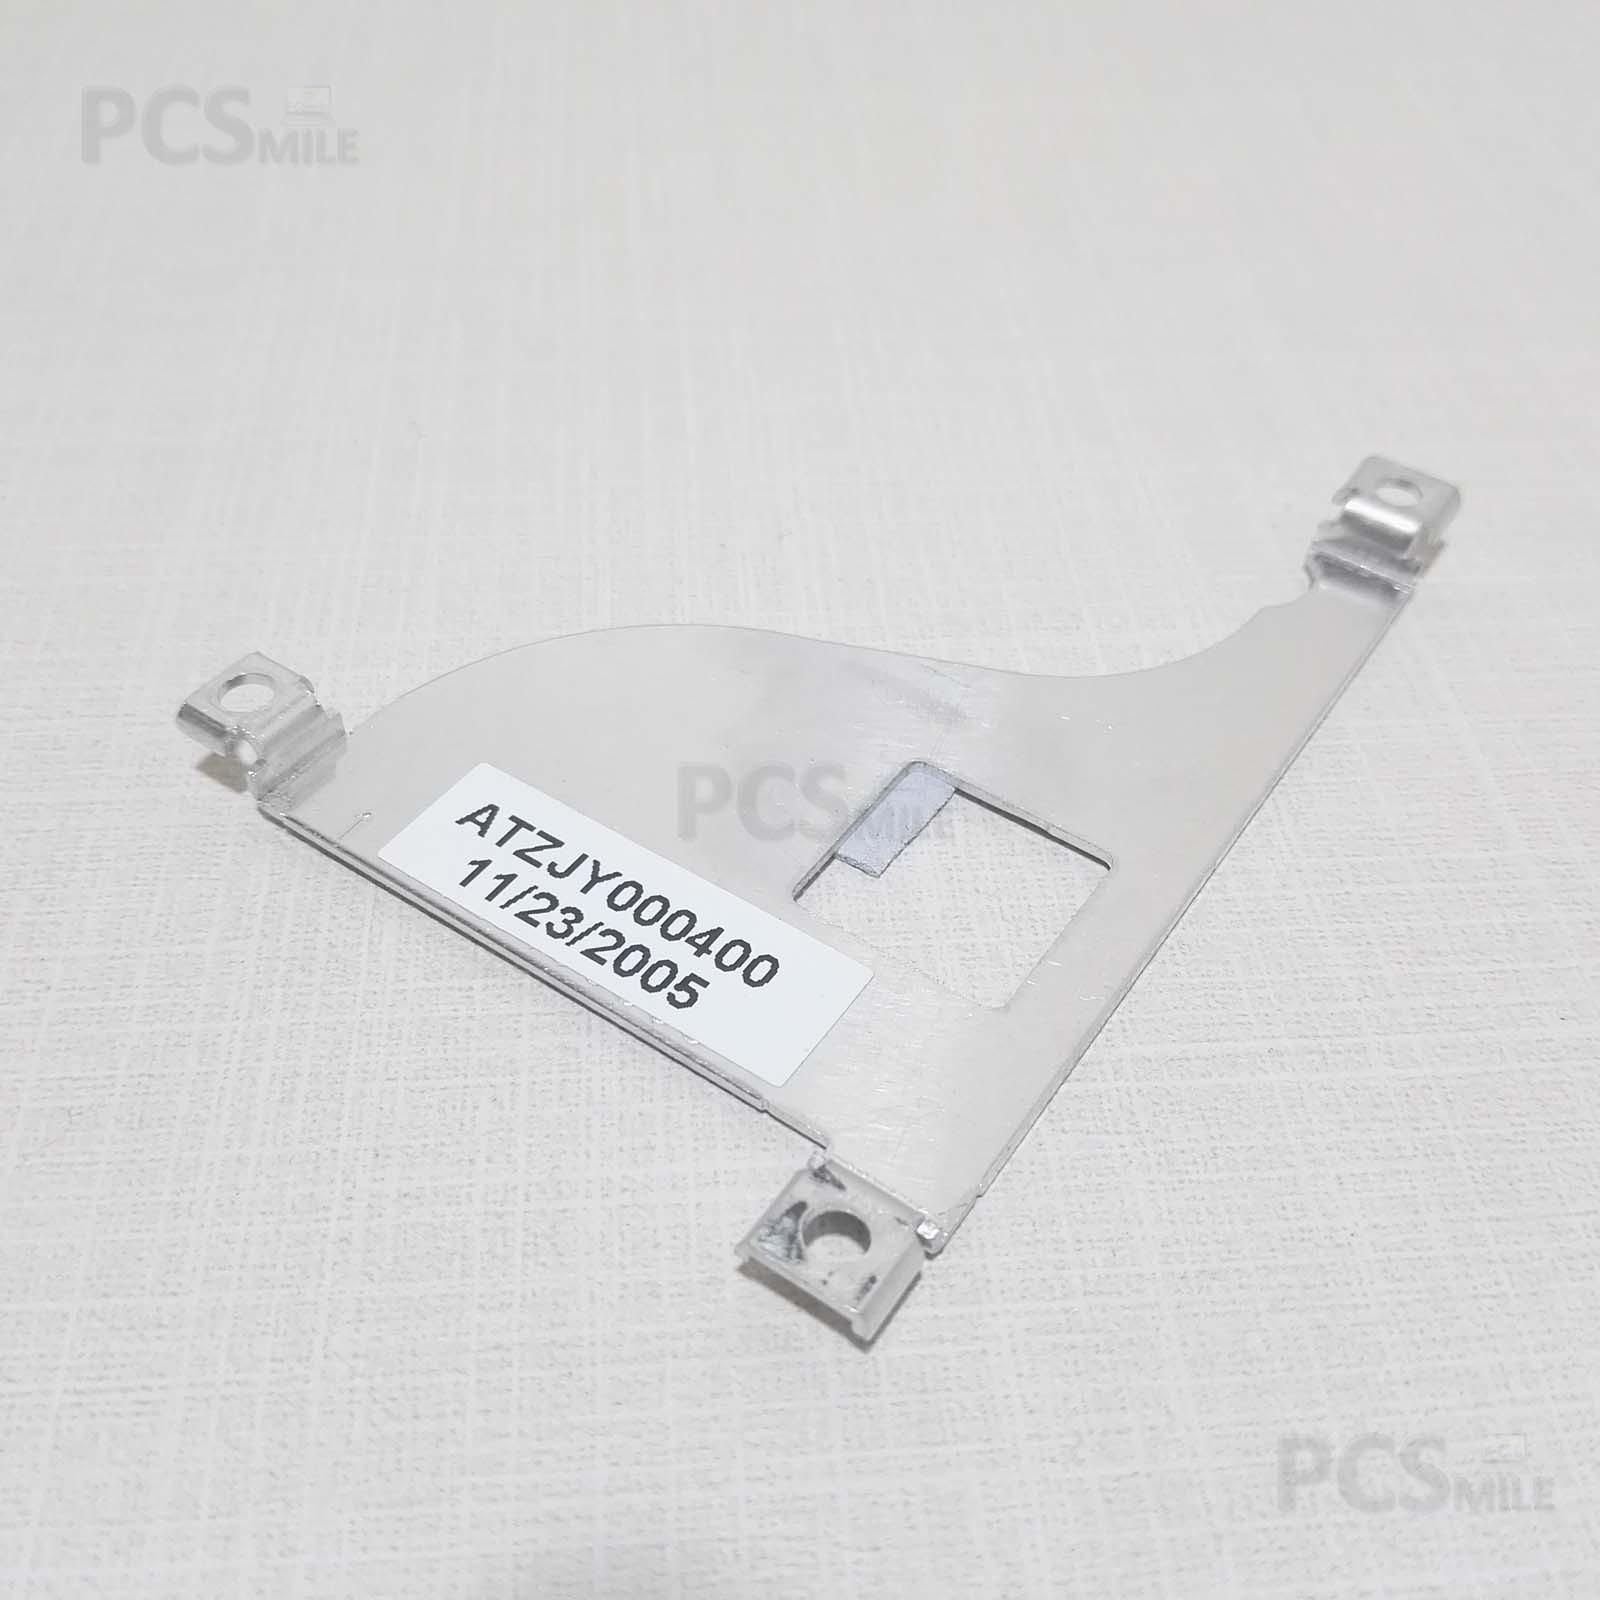 Acer Aspire 9500 Dissipatore ATZJY000400 con pad termico